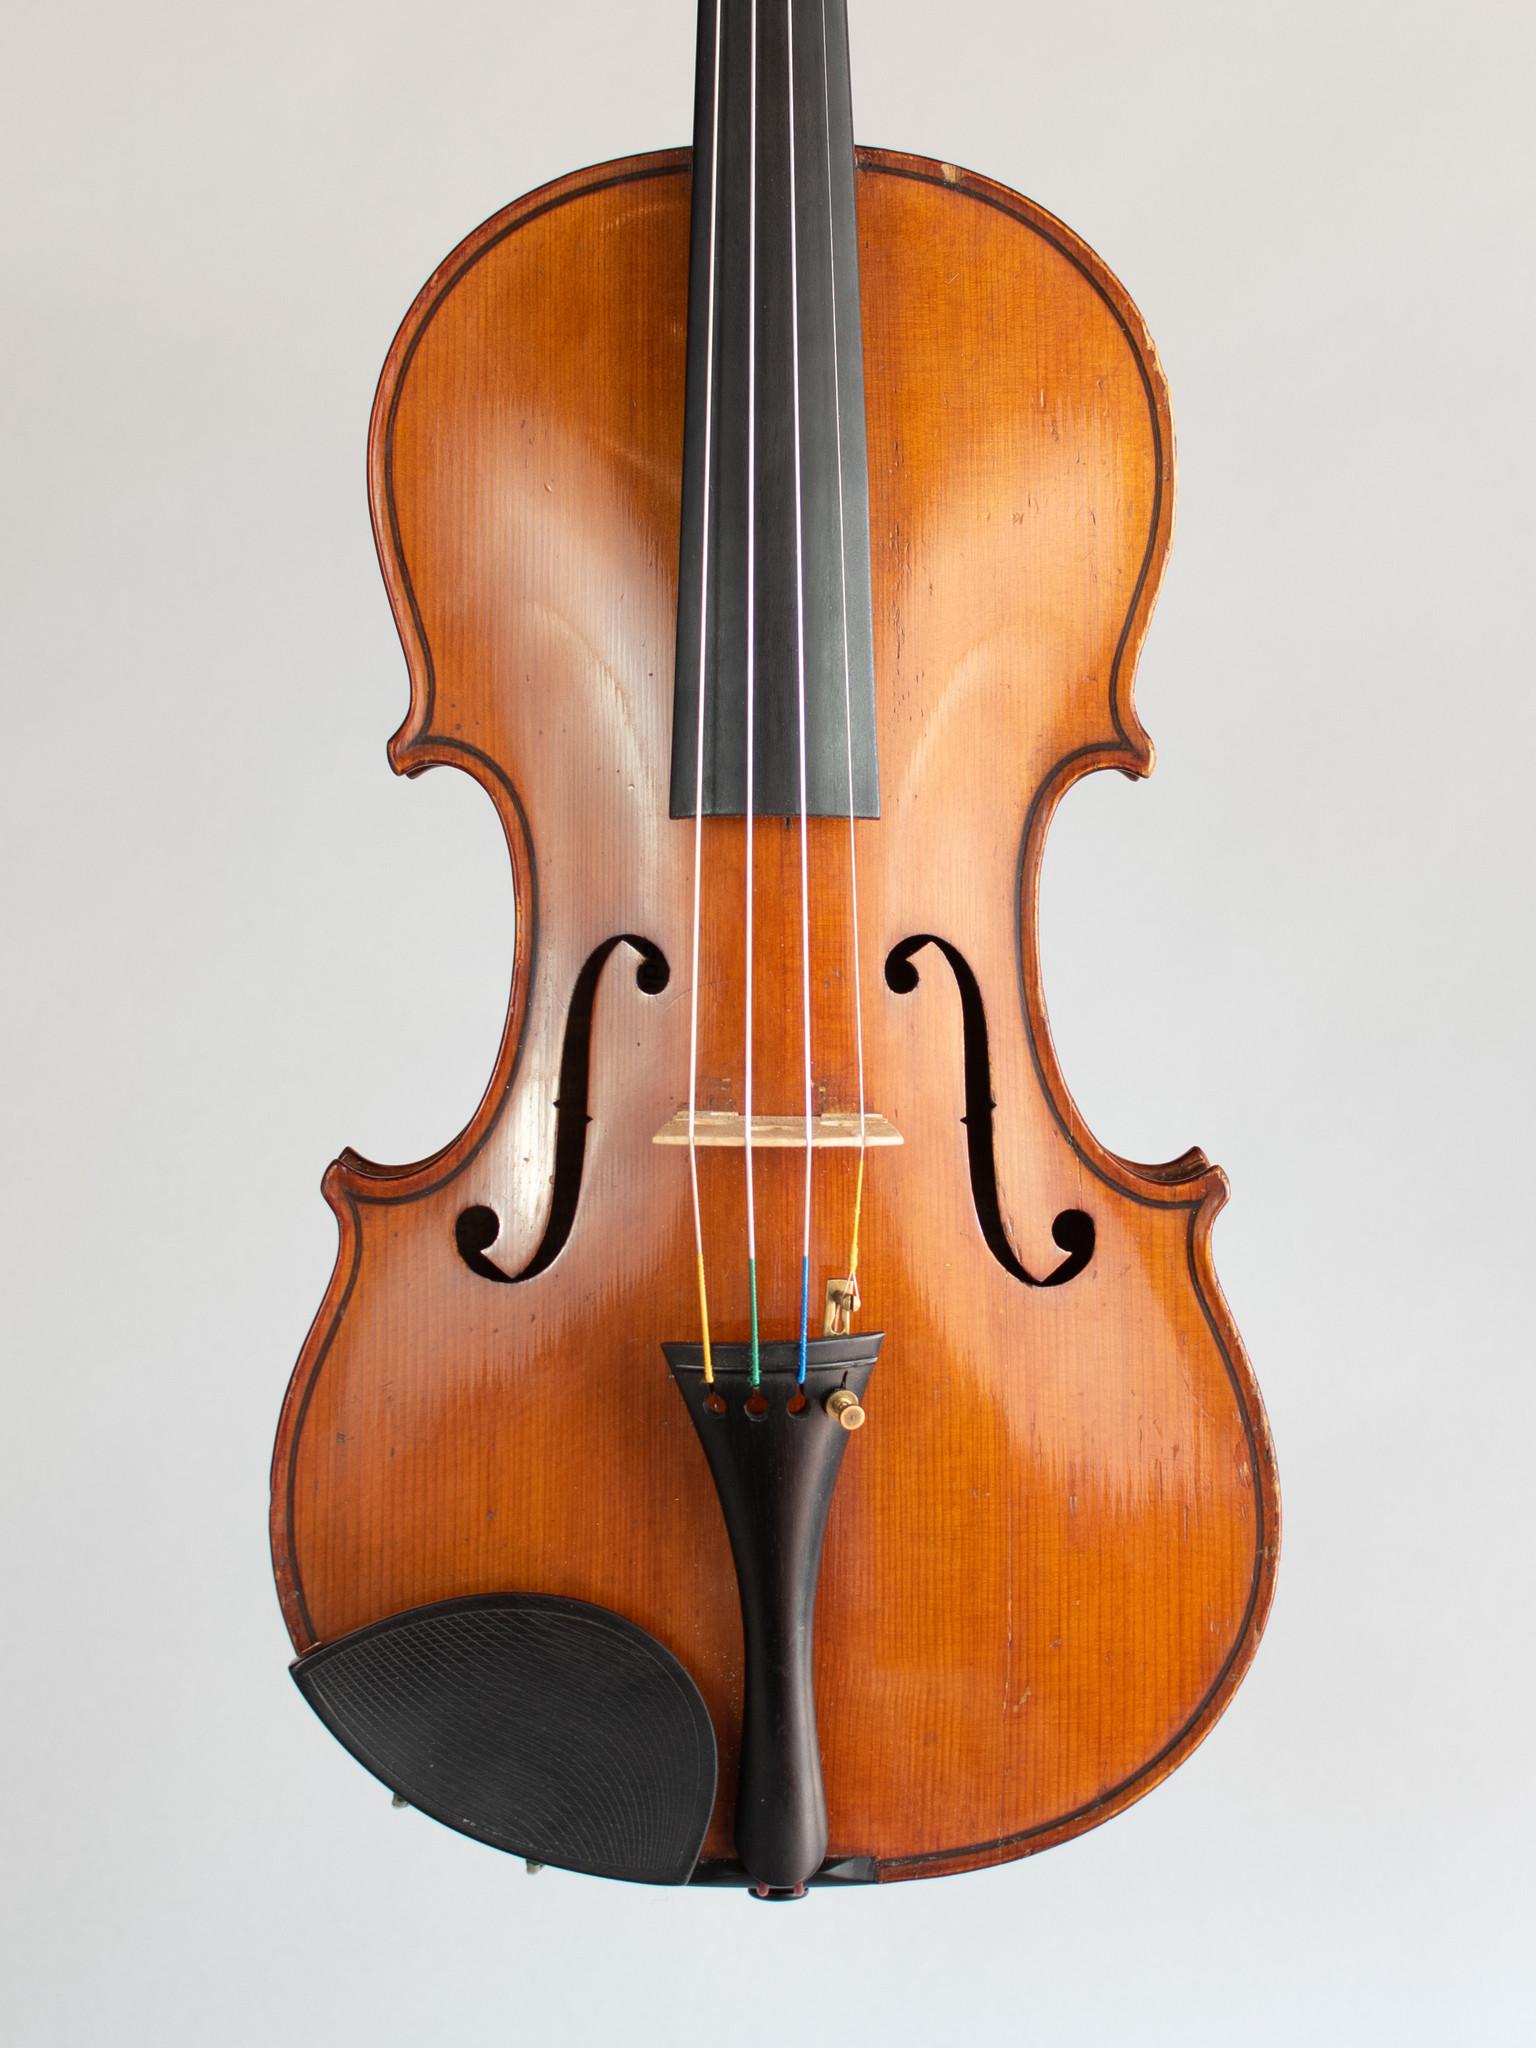 Eduard Reichert violin, Dresden, 1908